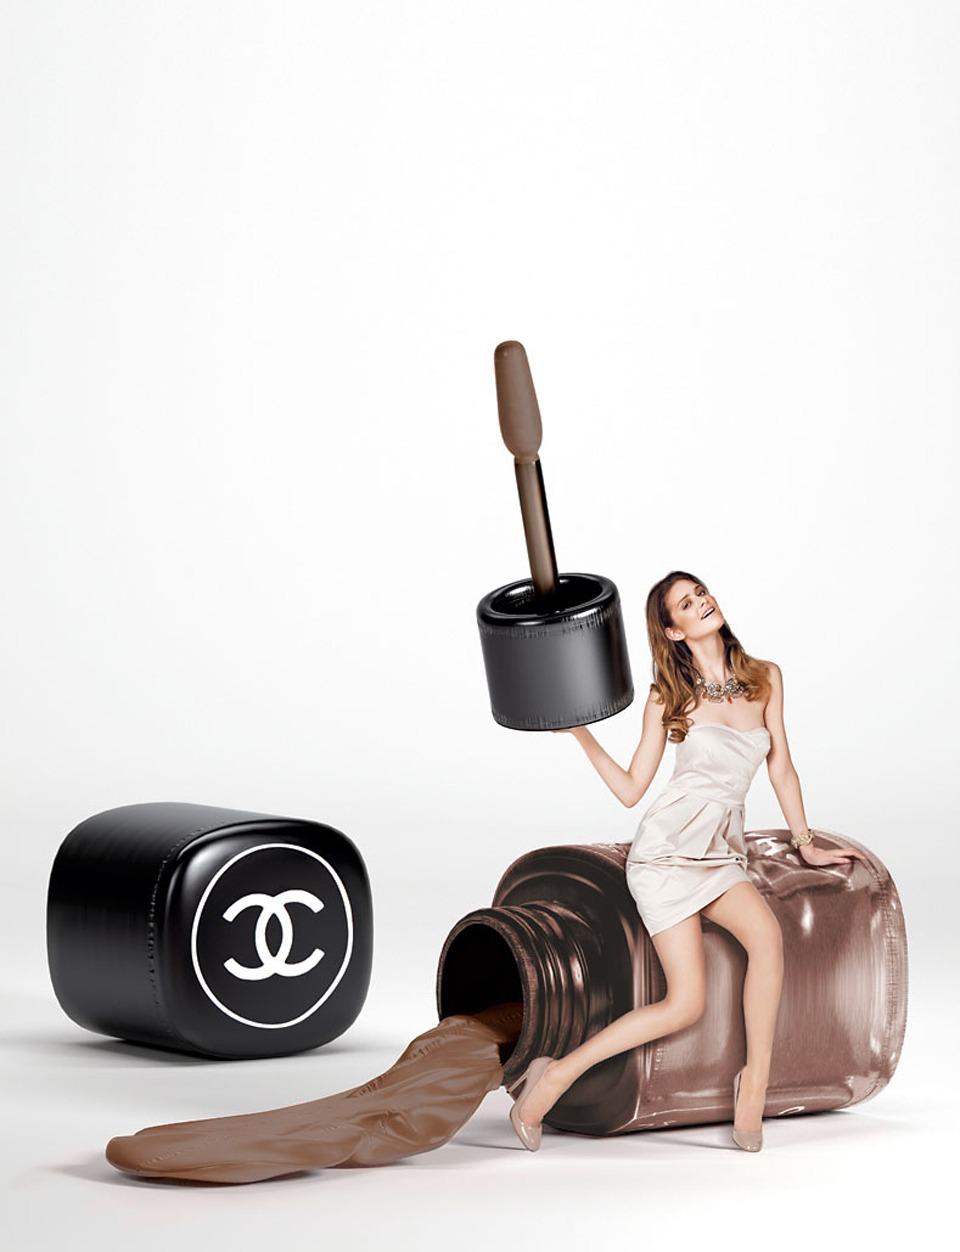 Chanel - le vernis particulière 505